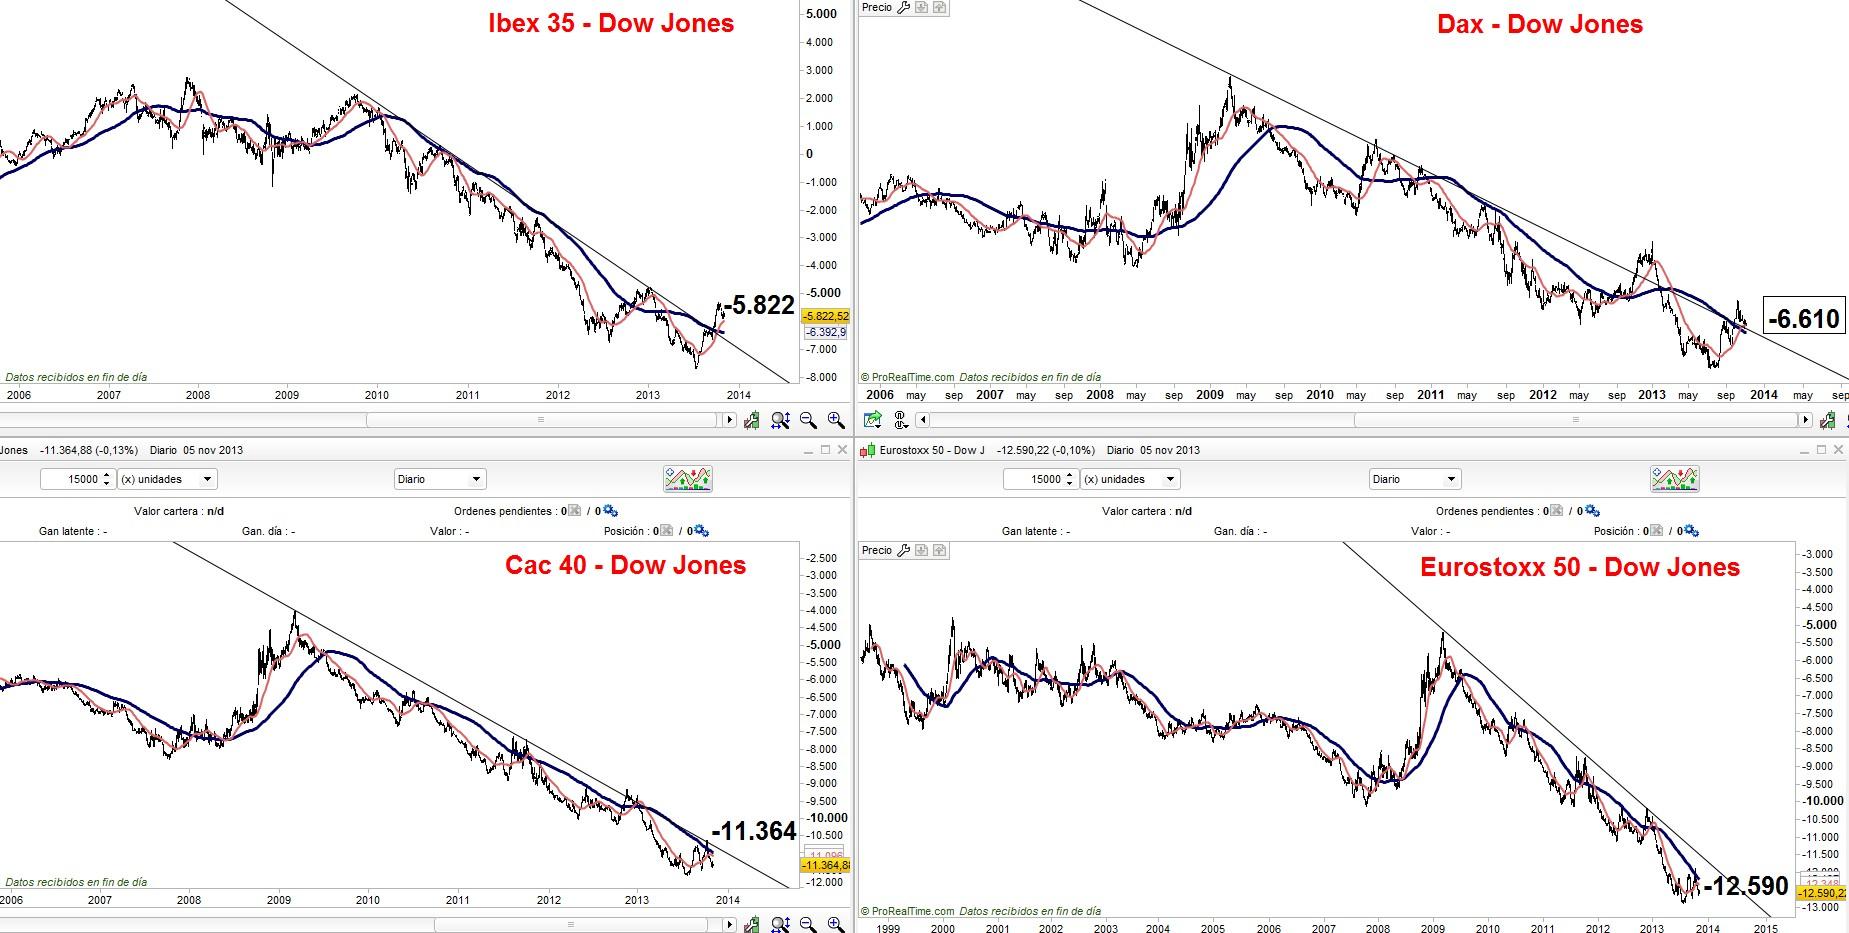 Spreads principales indices USA vs Europa